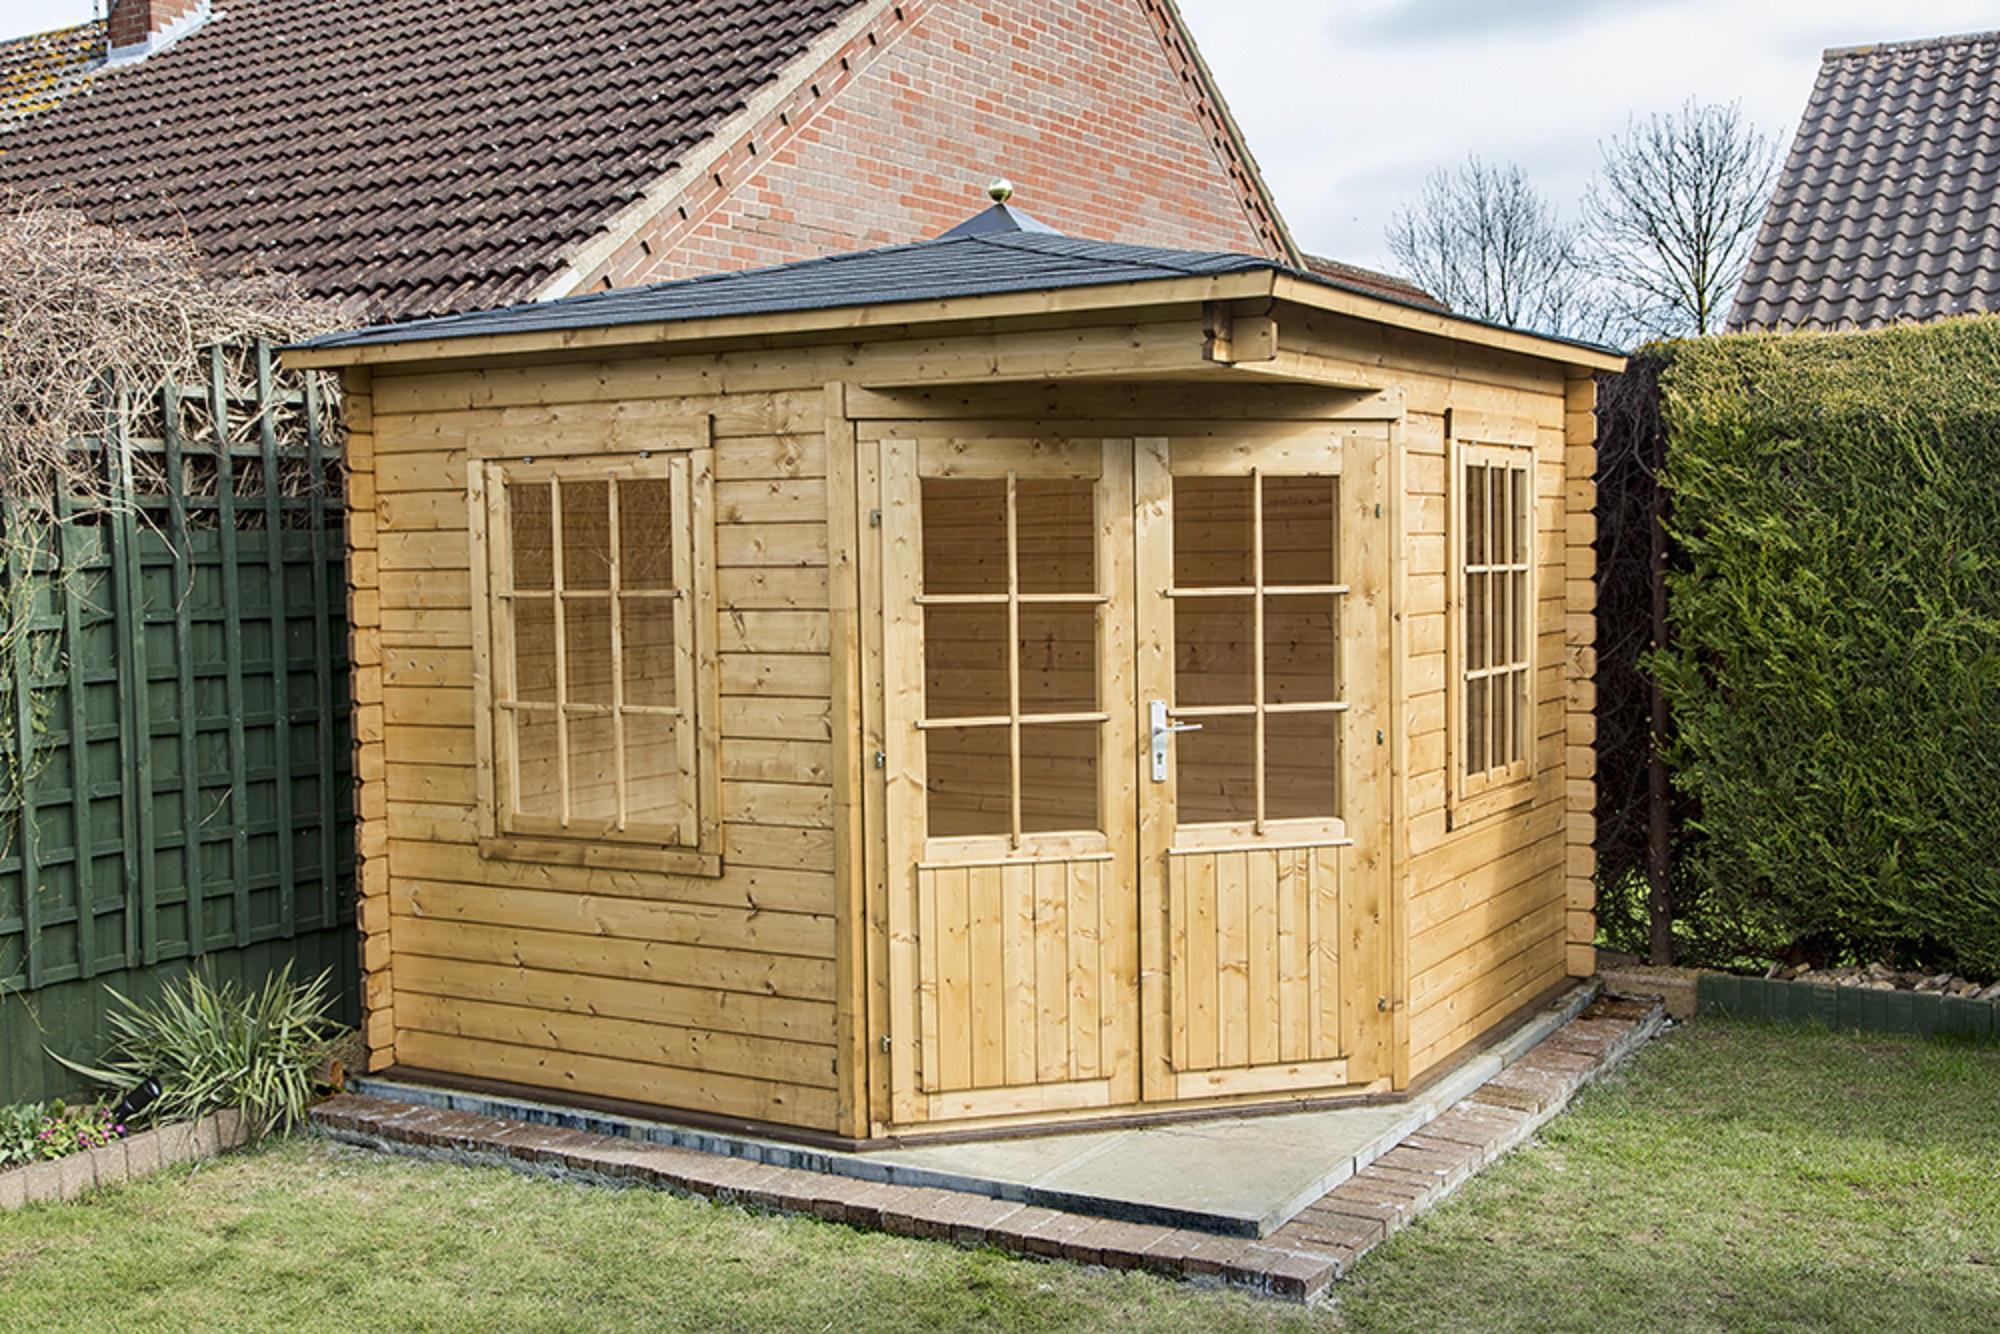 asmund corner log cabin 3x3m. Black Bedroom Furniture Sets. Home Design Ideas